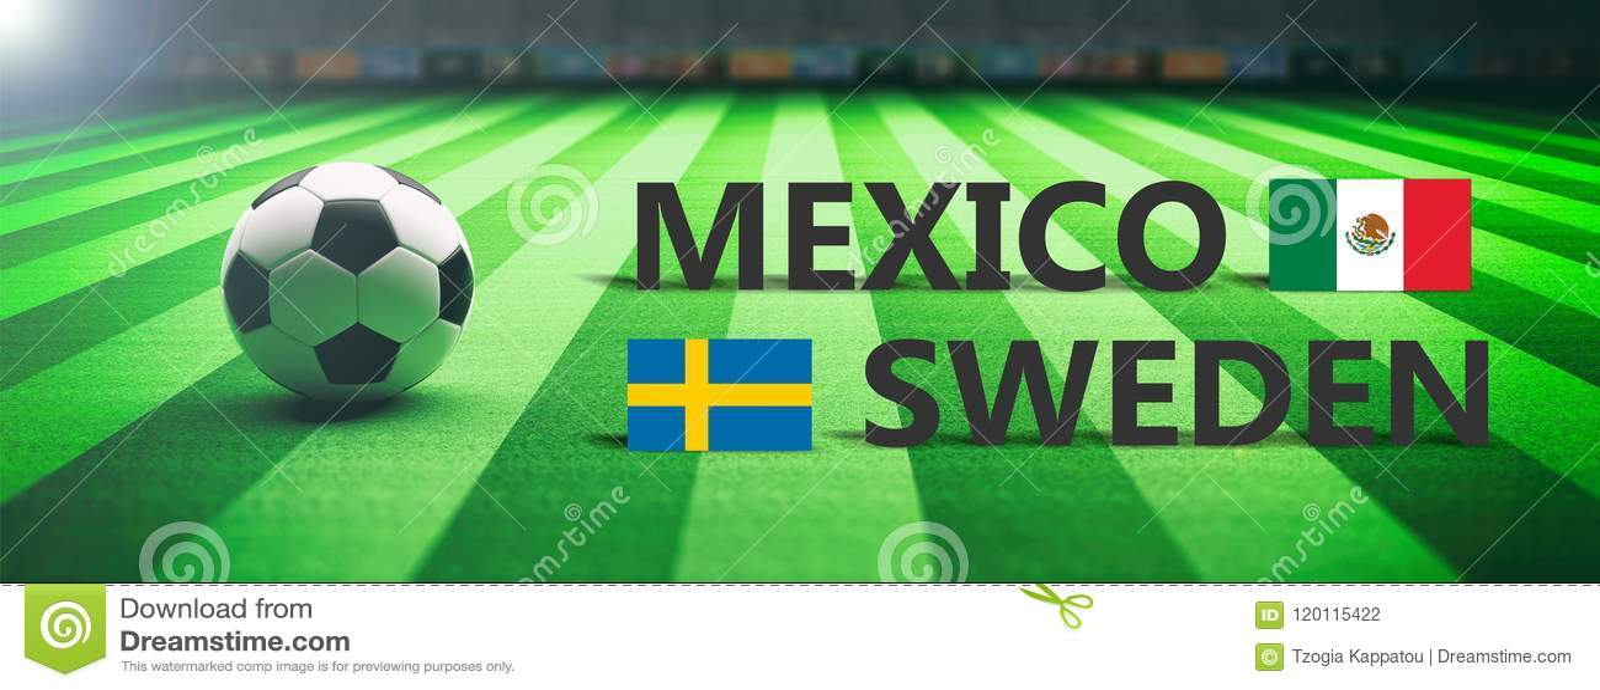 Voetbal, voetbalwedstrijd, Mexico versus Zweden, 3d illustratie